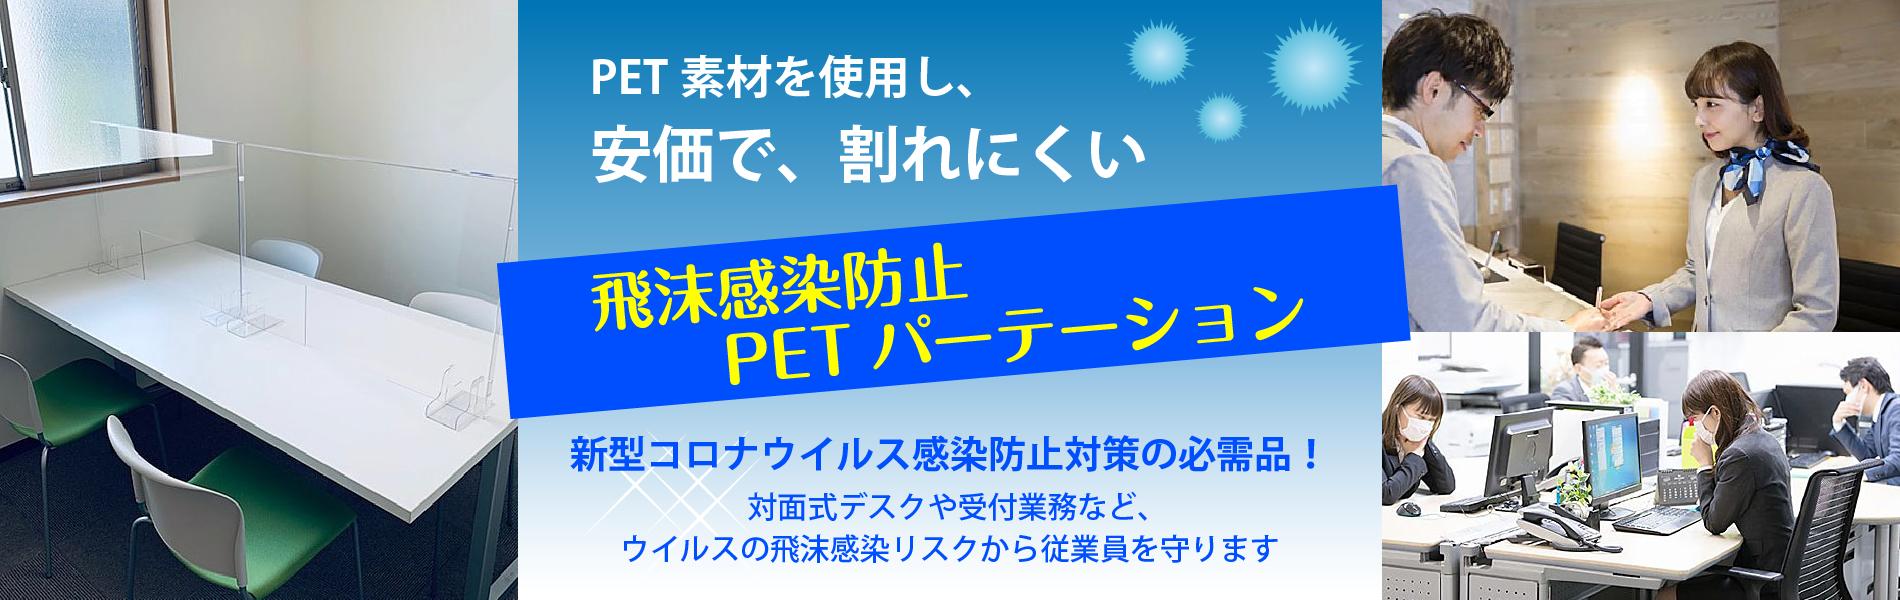 飛沫感染防止PETパーテーション